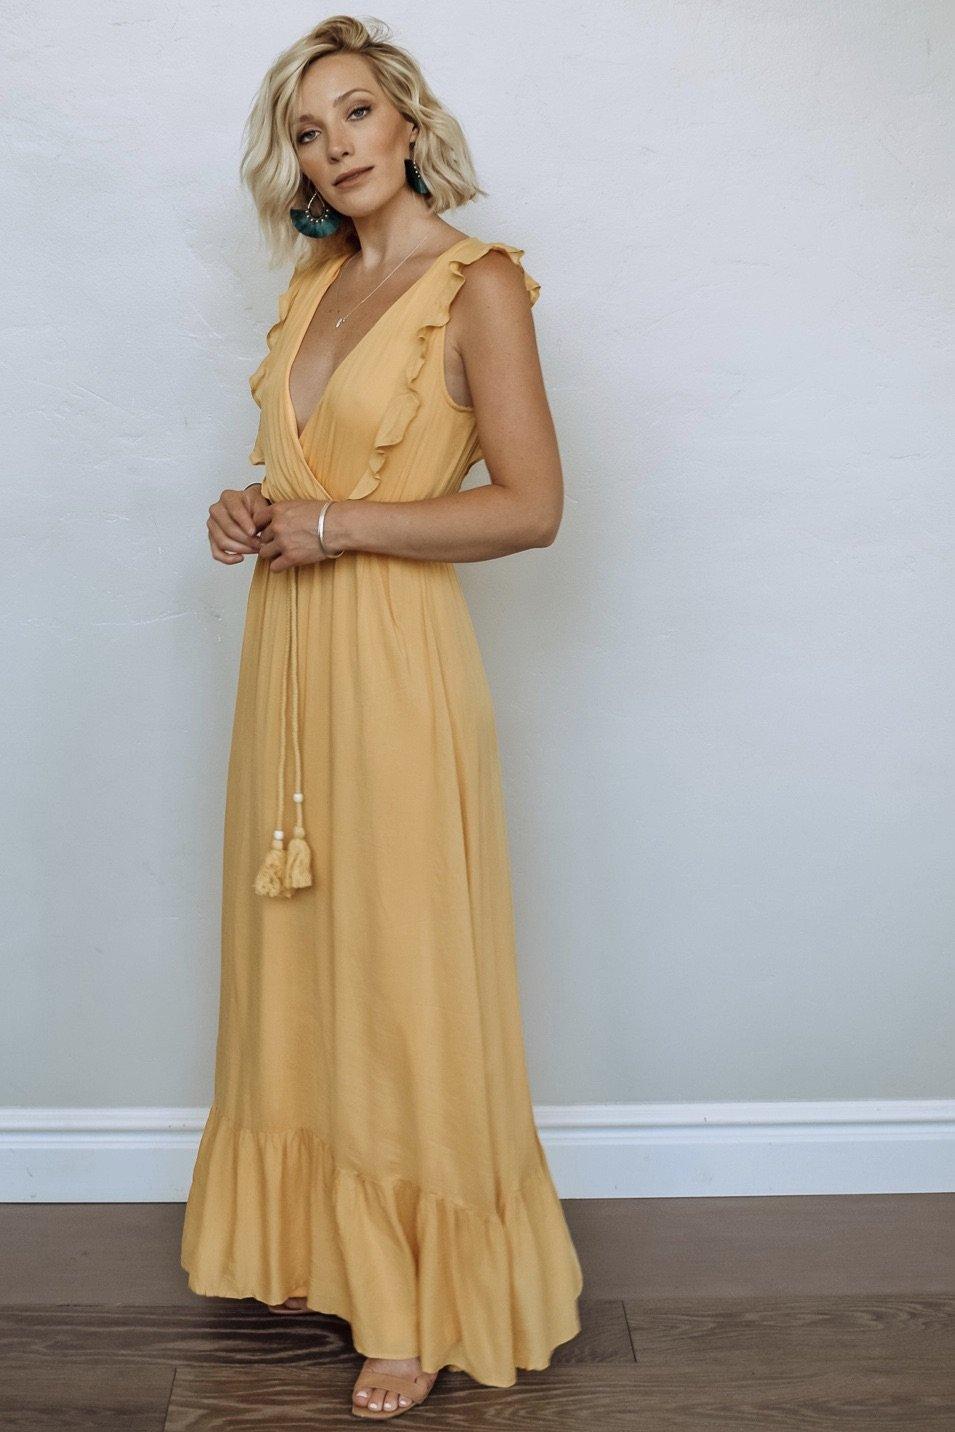 Jolie Deep V Maxi Dress In Mustard Maxi Dress Dresses Fashion [ 1432 x 955 Pixel ]